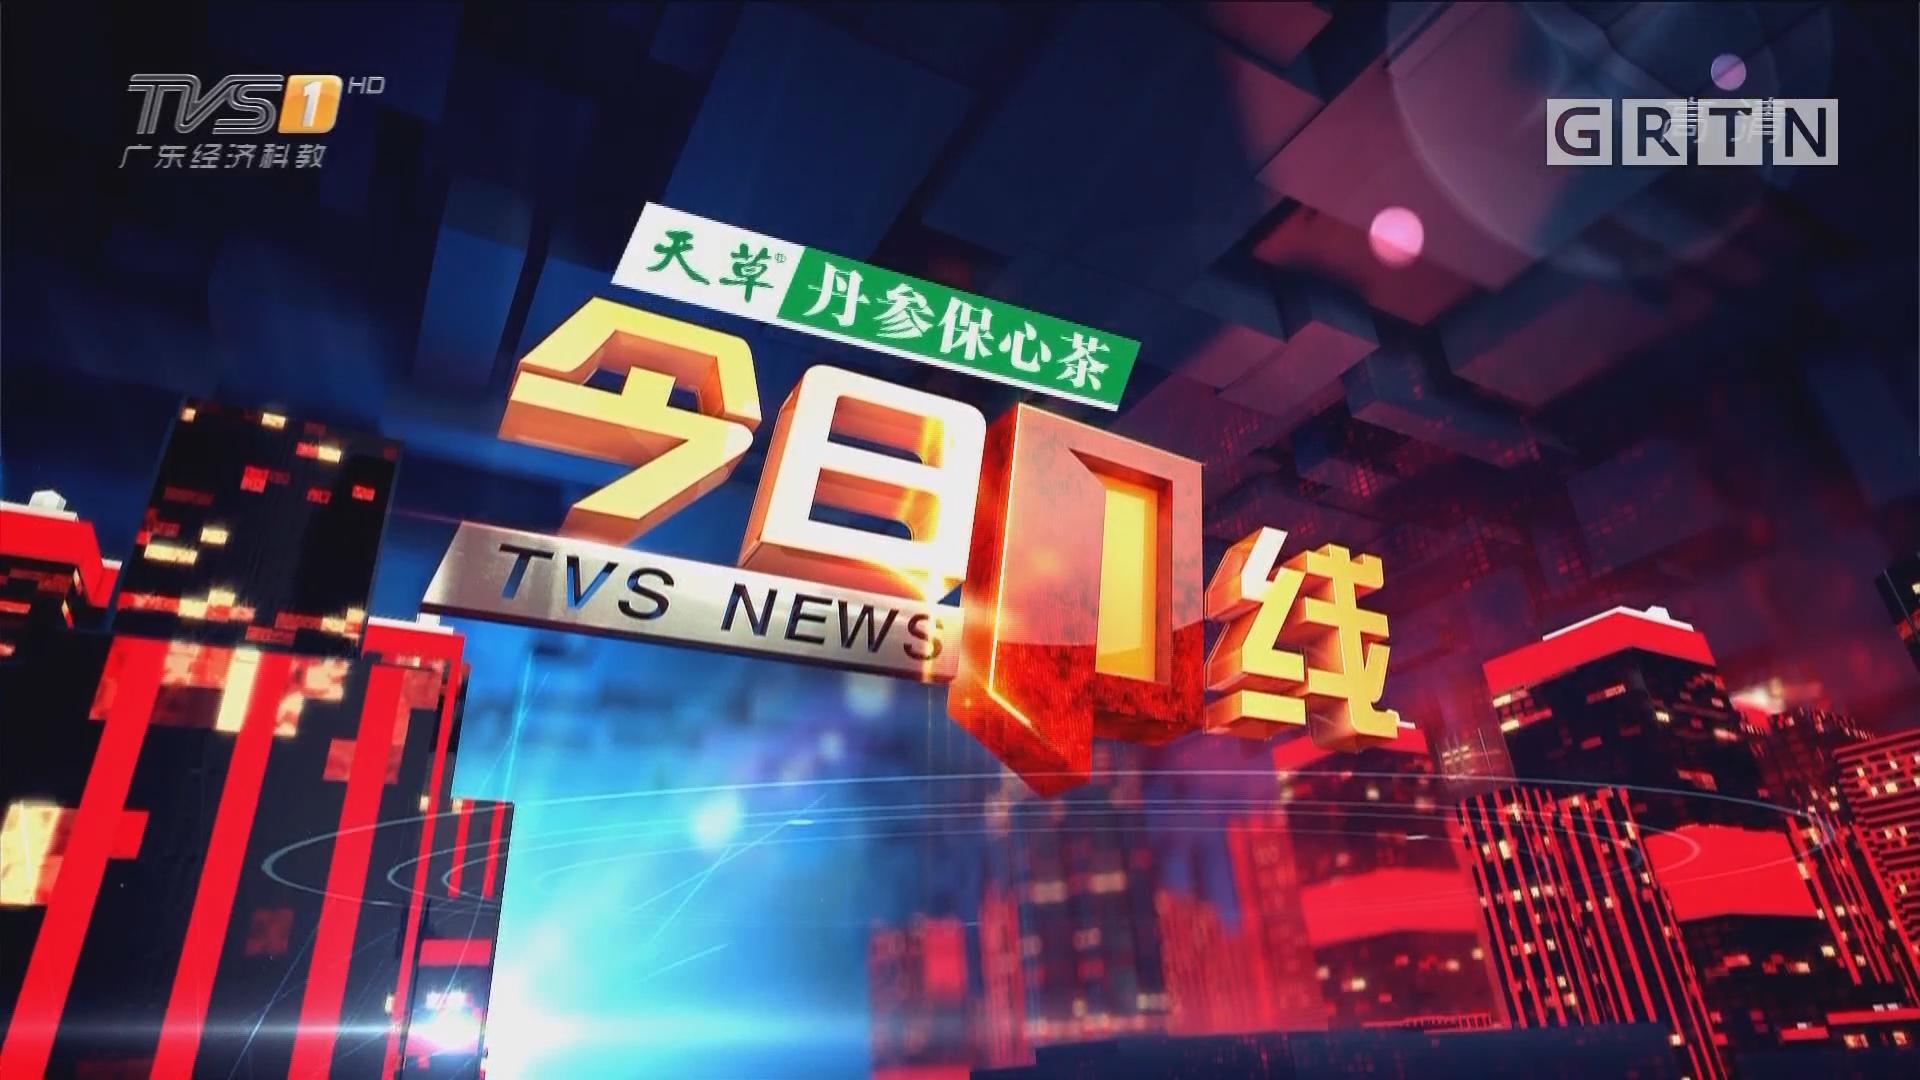 """[HD][2019-02-11]今日一线:春节返程高峰:许广高速 高速行车成""""龟速"""" 八小时只走了百公里"""